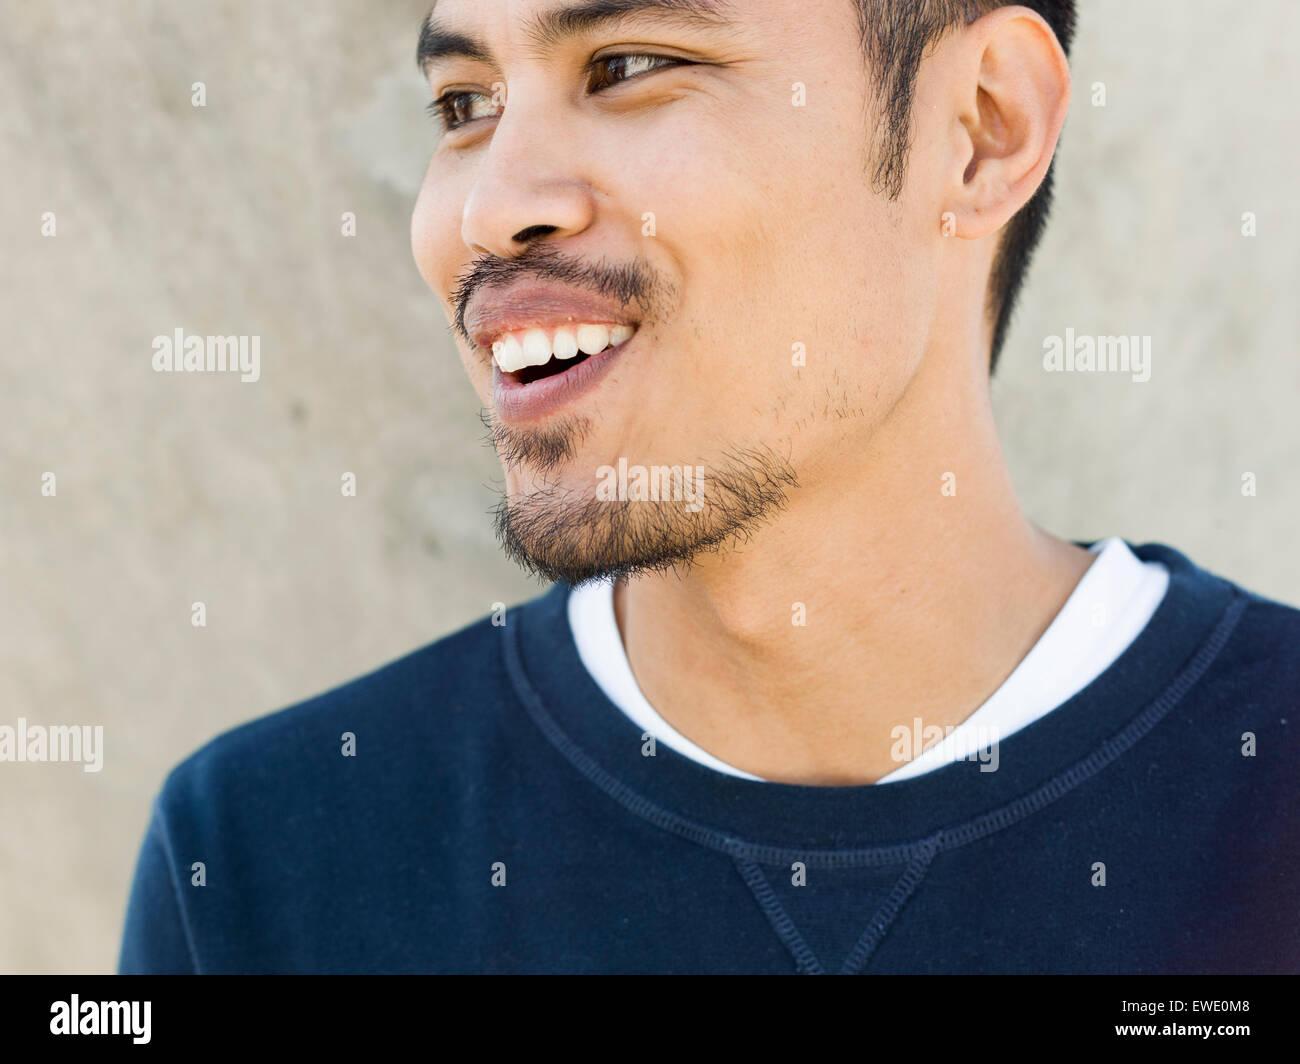 Ritratto di un sorridente giovane asiatica di razza mista barba stoppie guardando lateralmente Immagini Stock